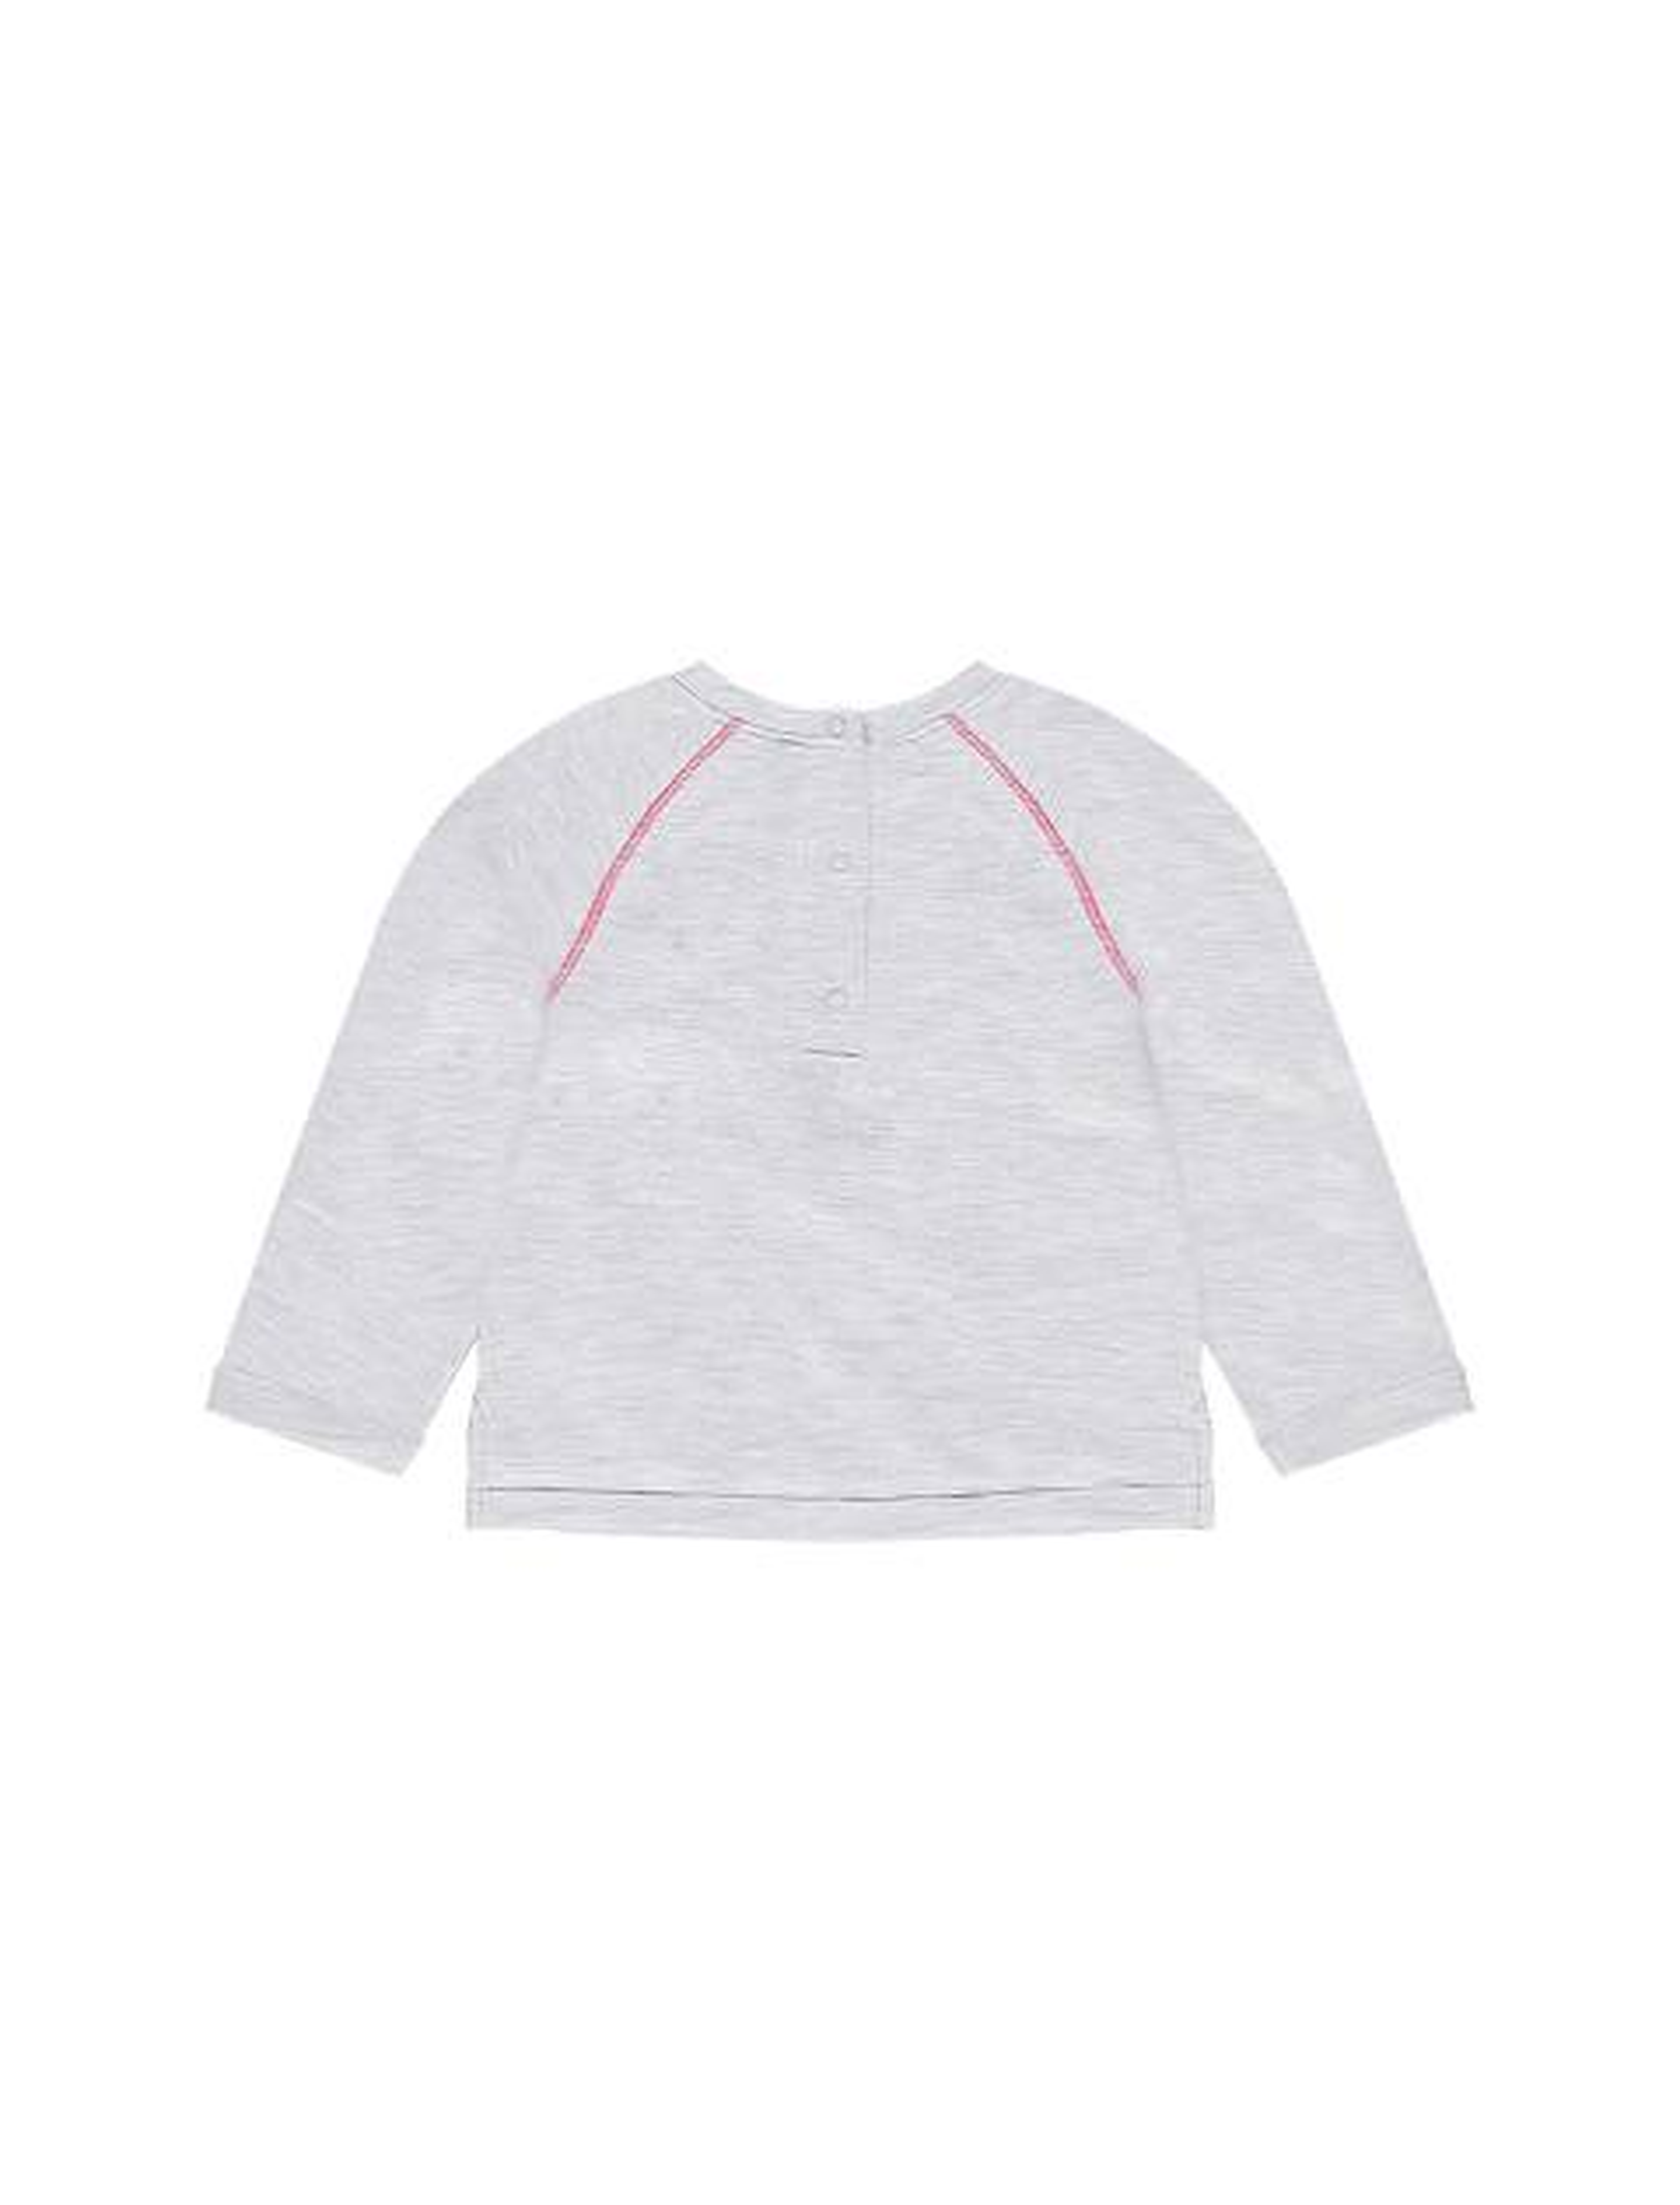 تی شرت نخی یقه گرد نوزادی دخترانه - ارکسترا - طوسي ملانژ - 2